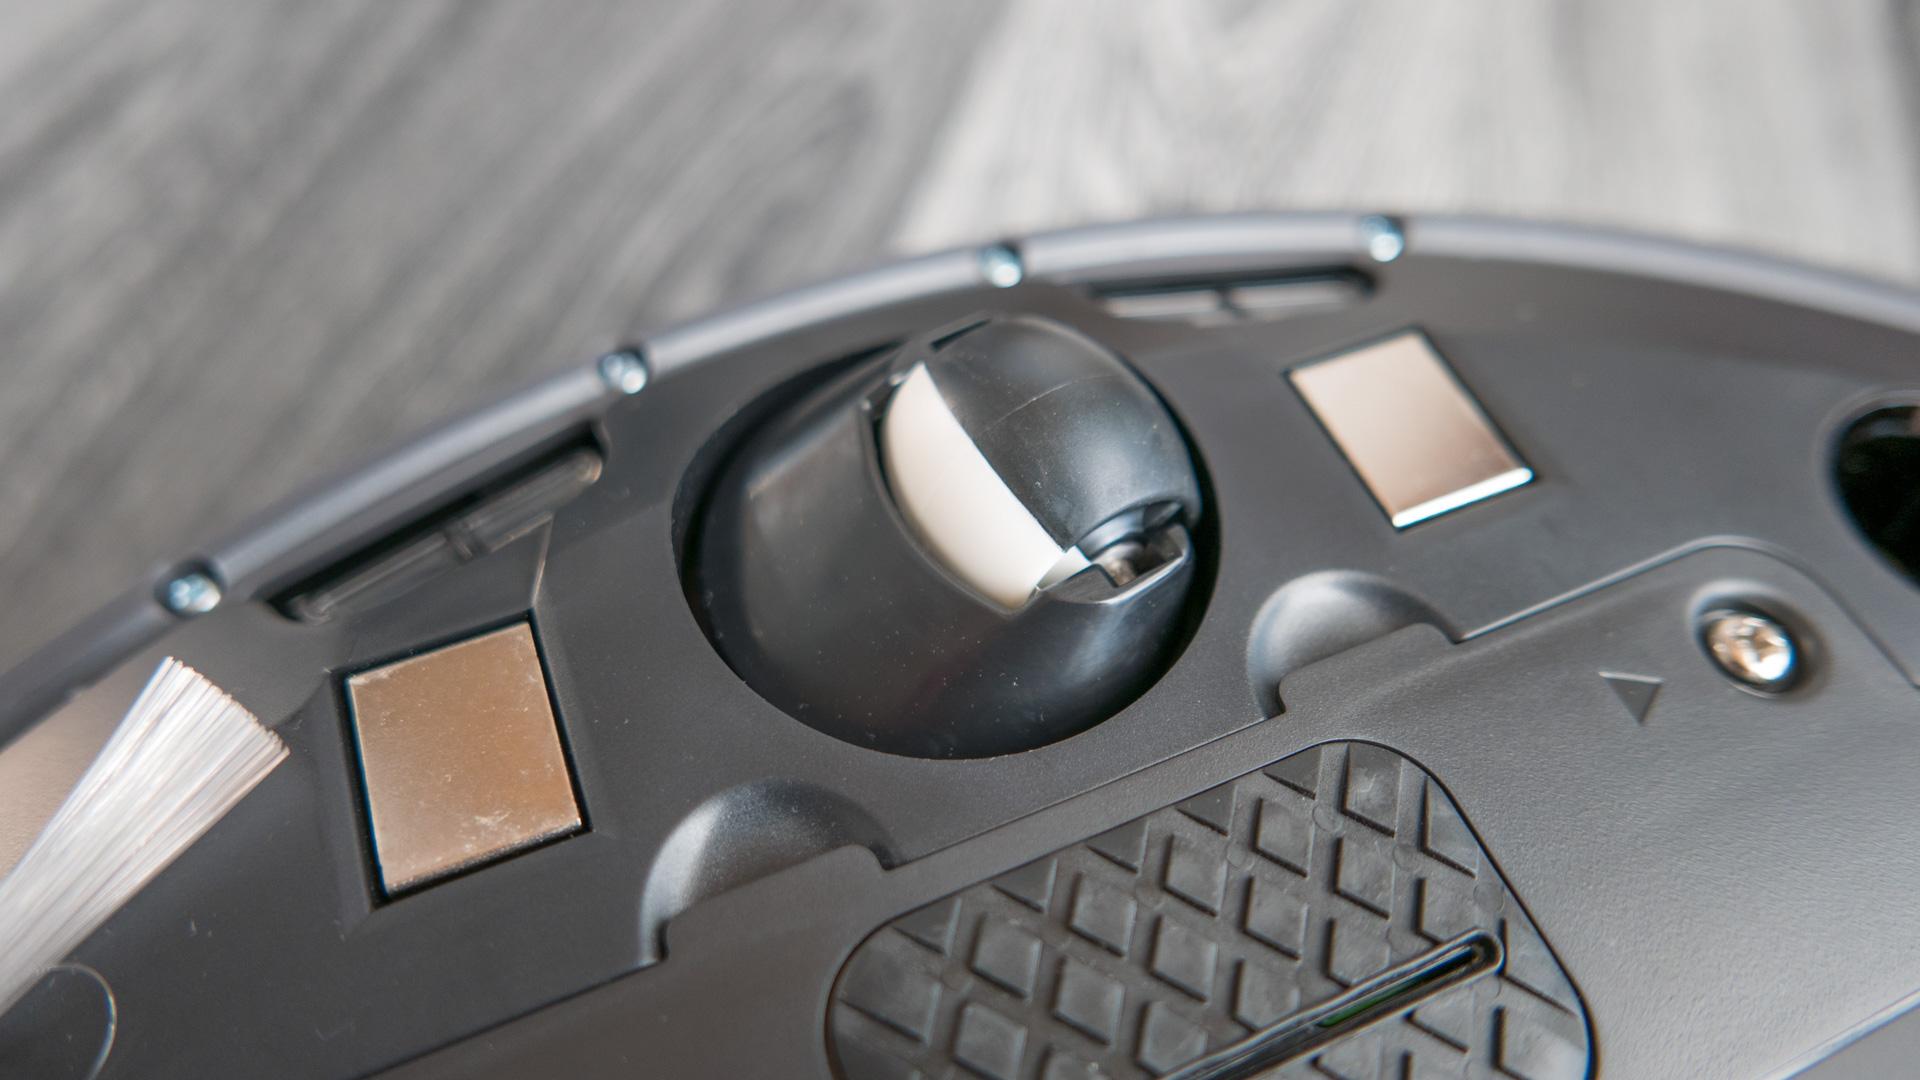 iRobot Roomba 980 Details 24